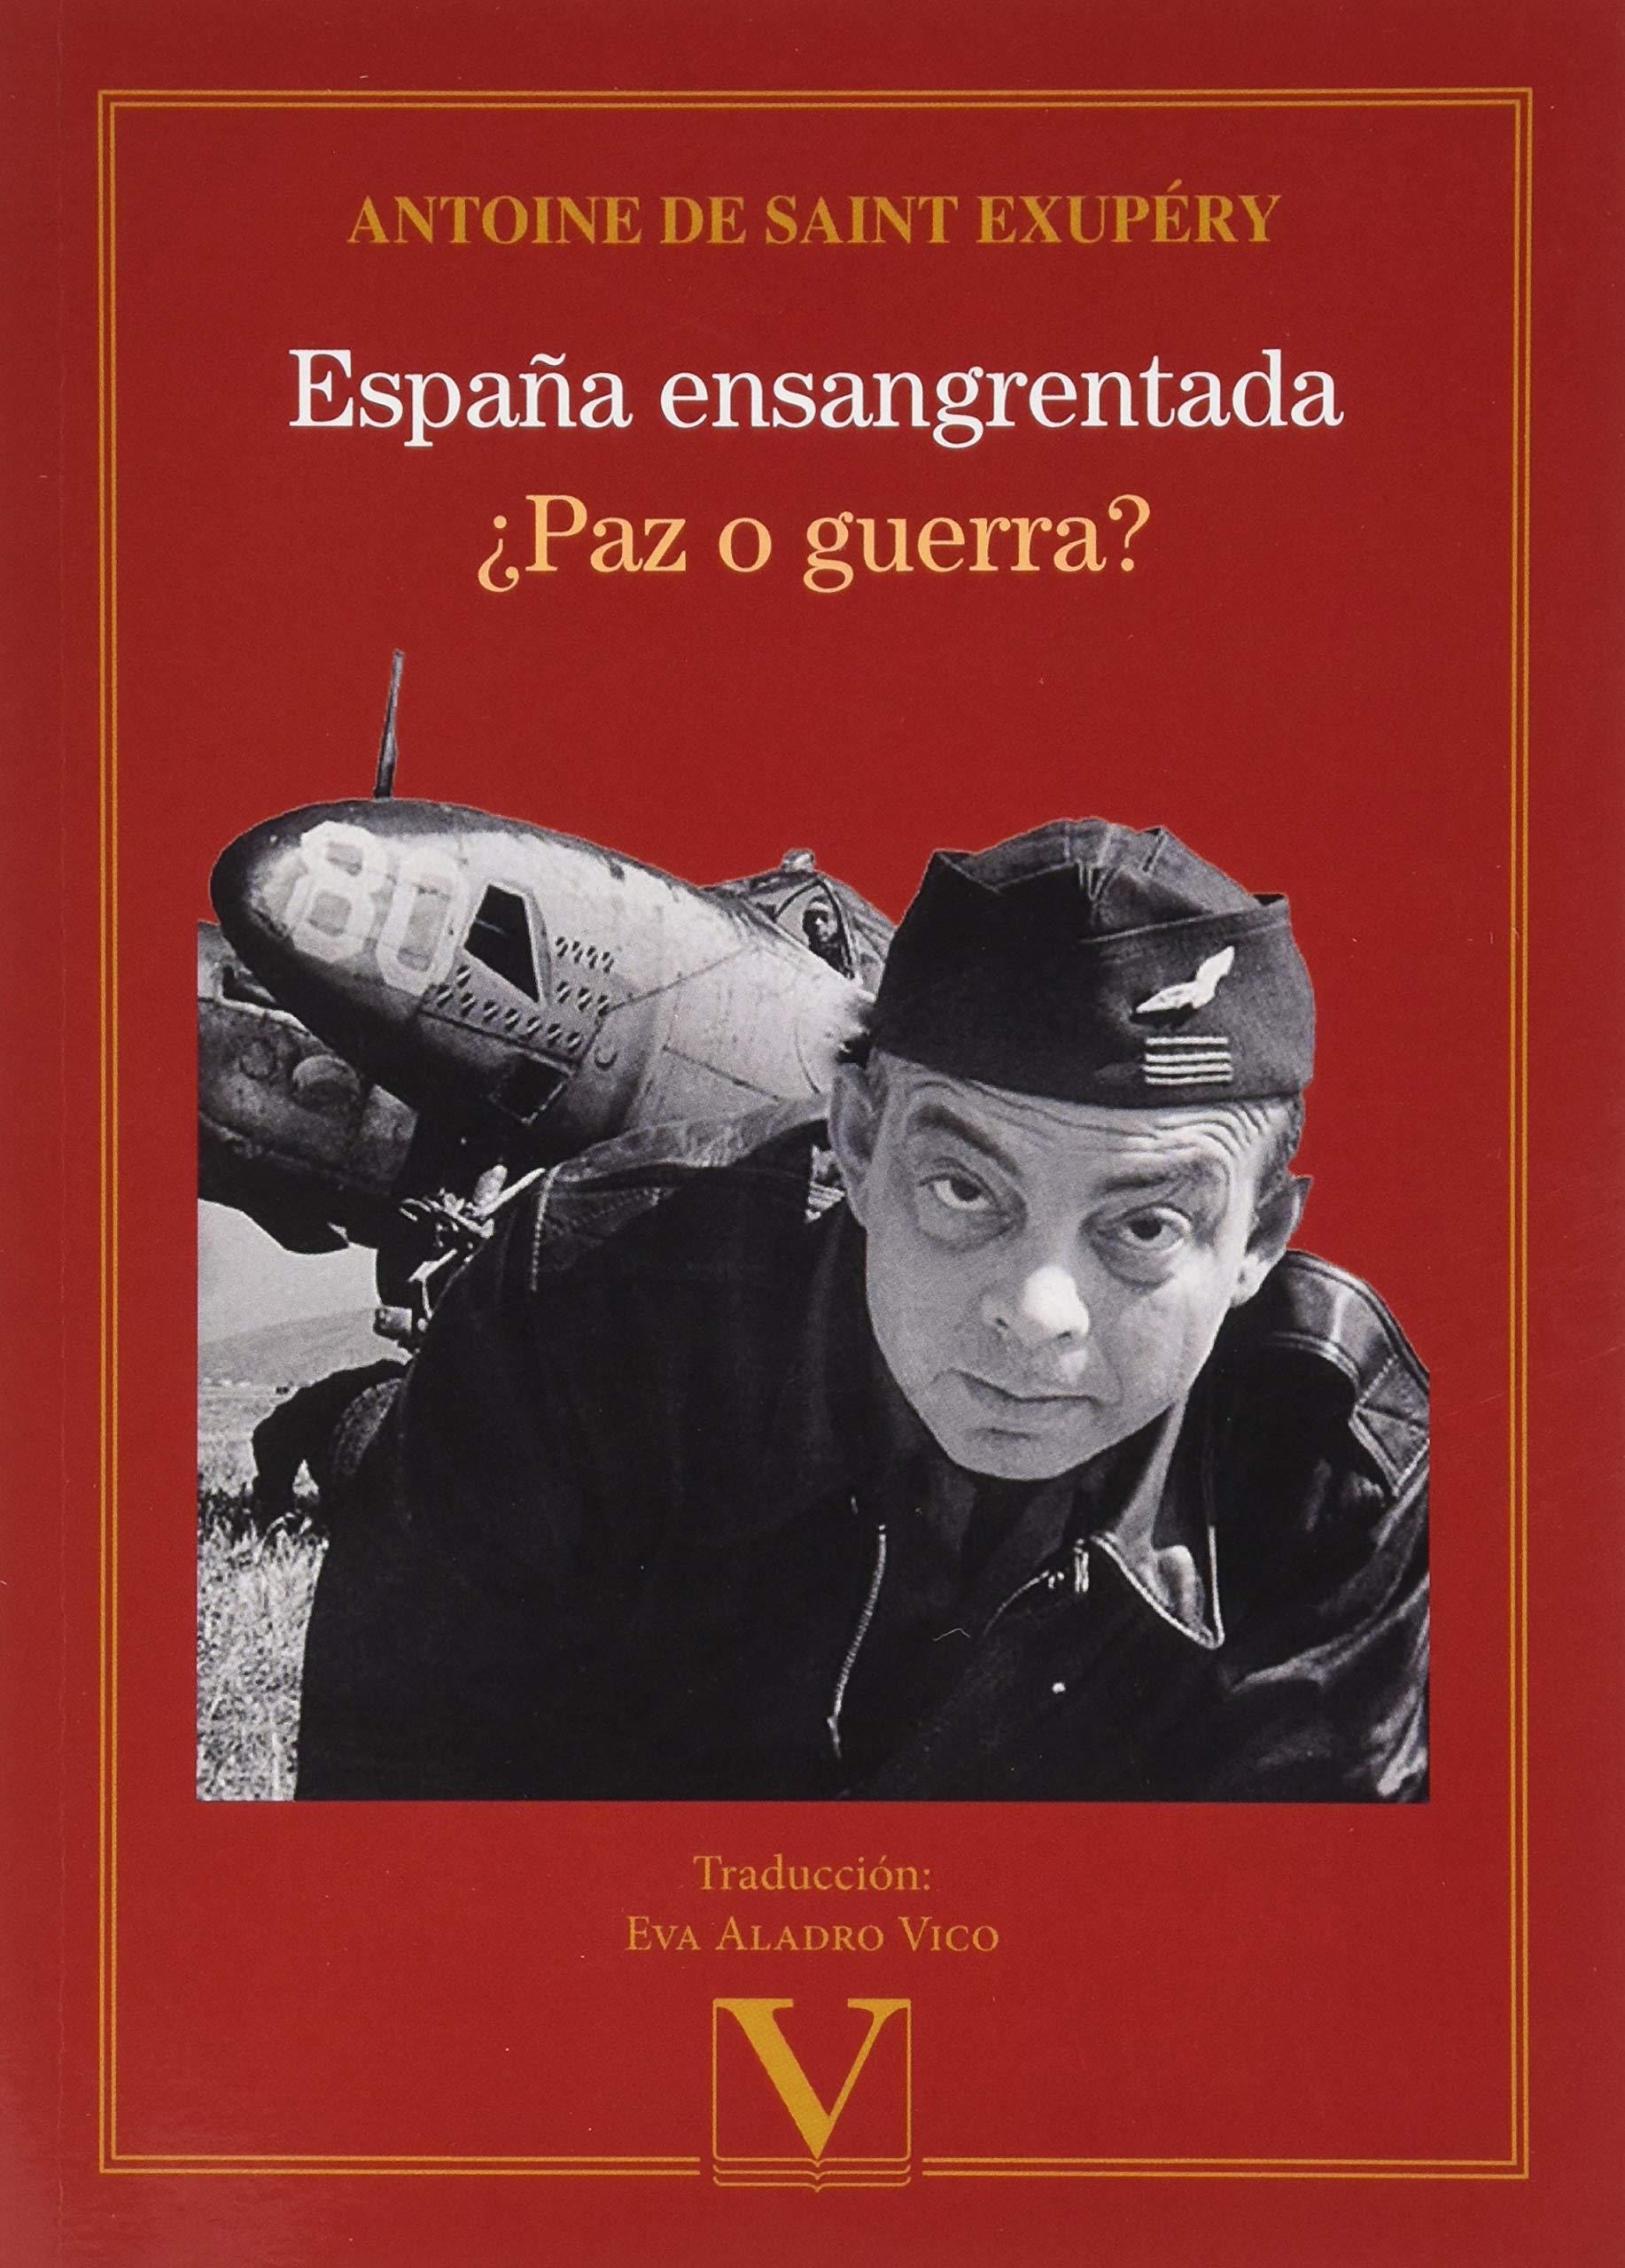 España ensangrentada: ¿Paz o guerra?: 1 (Ensayo): Amazon.es: de Saint Exupéry, Antoine: Libros